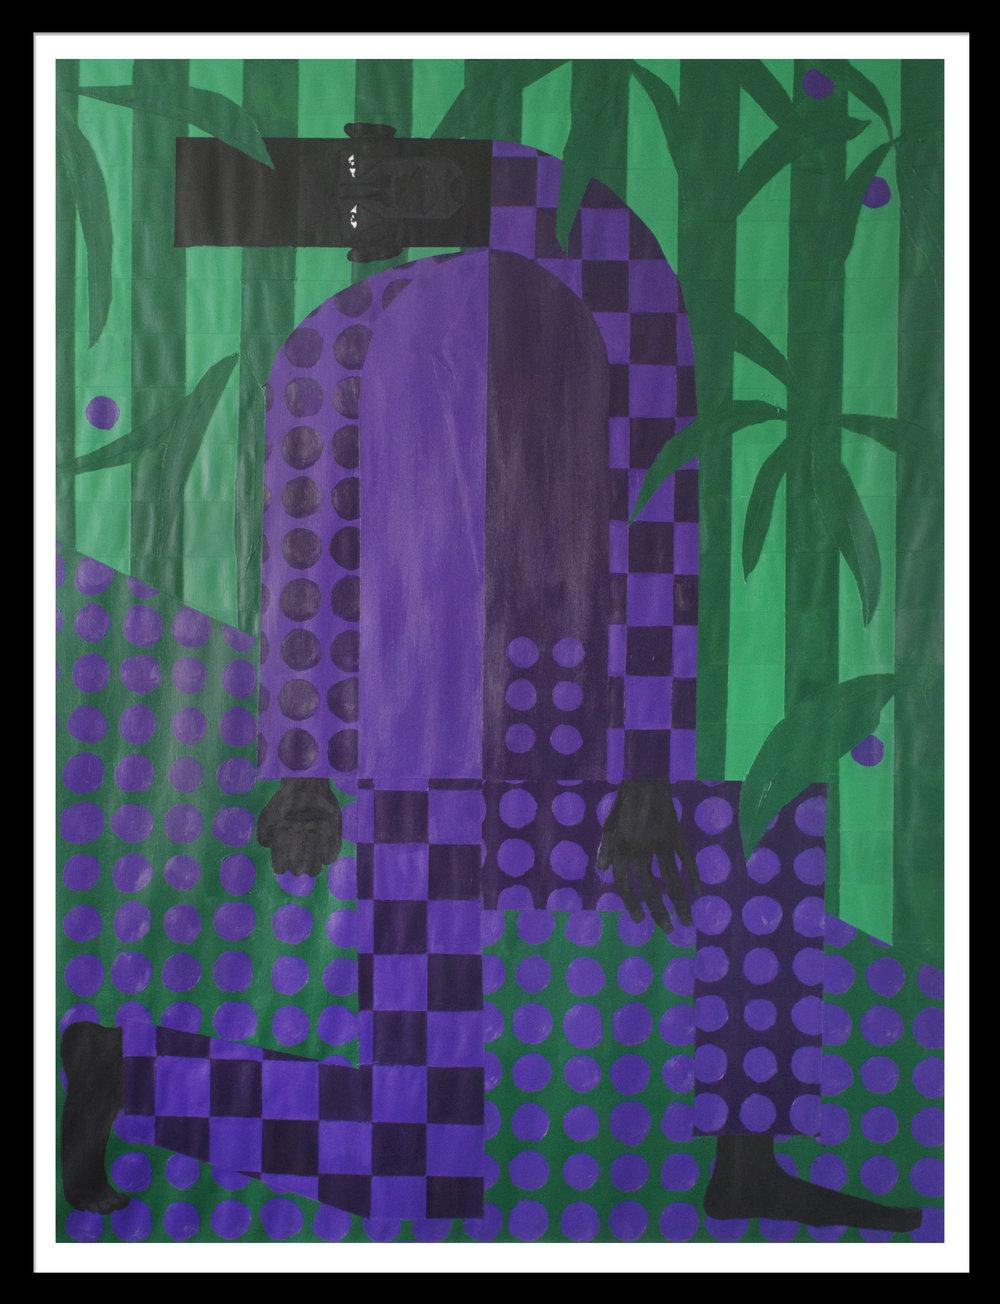 Man in the Violet Dreamscape No. 4